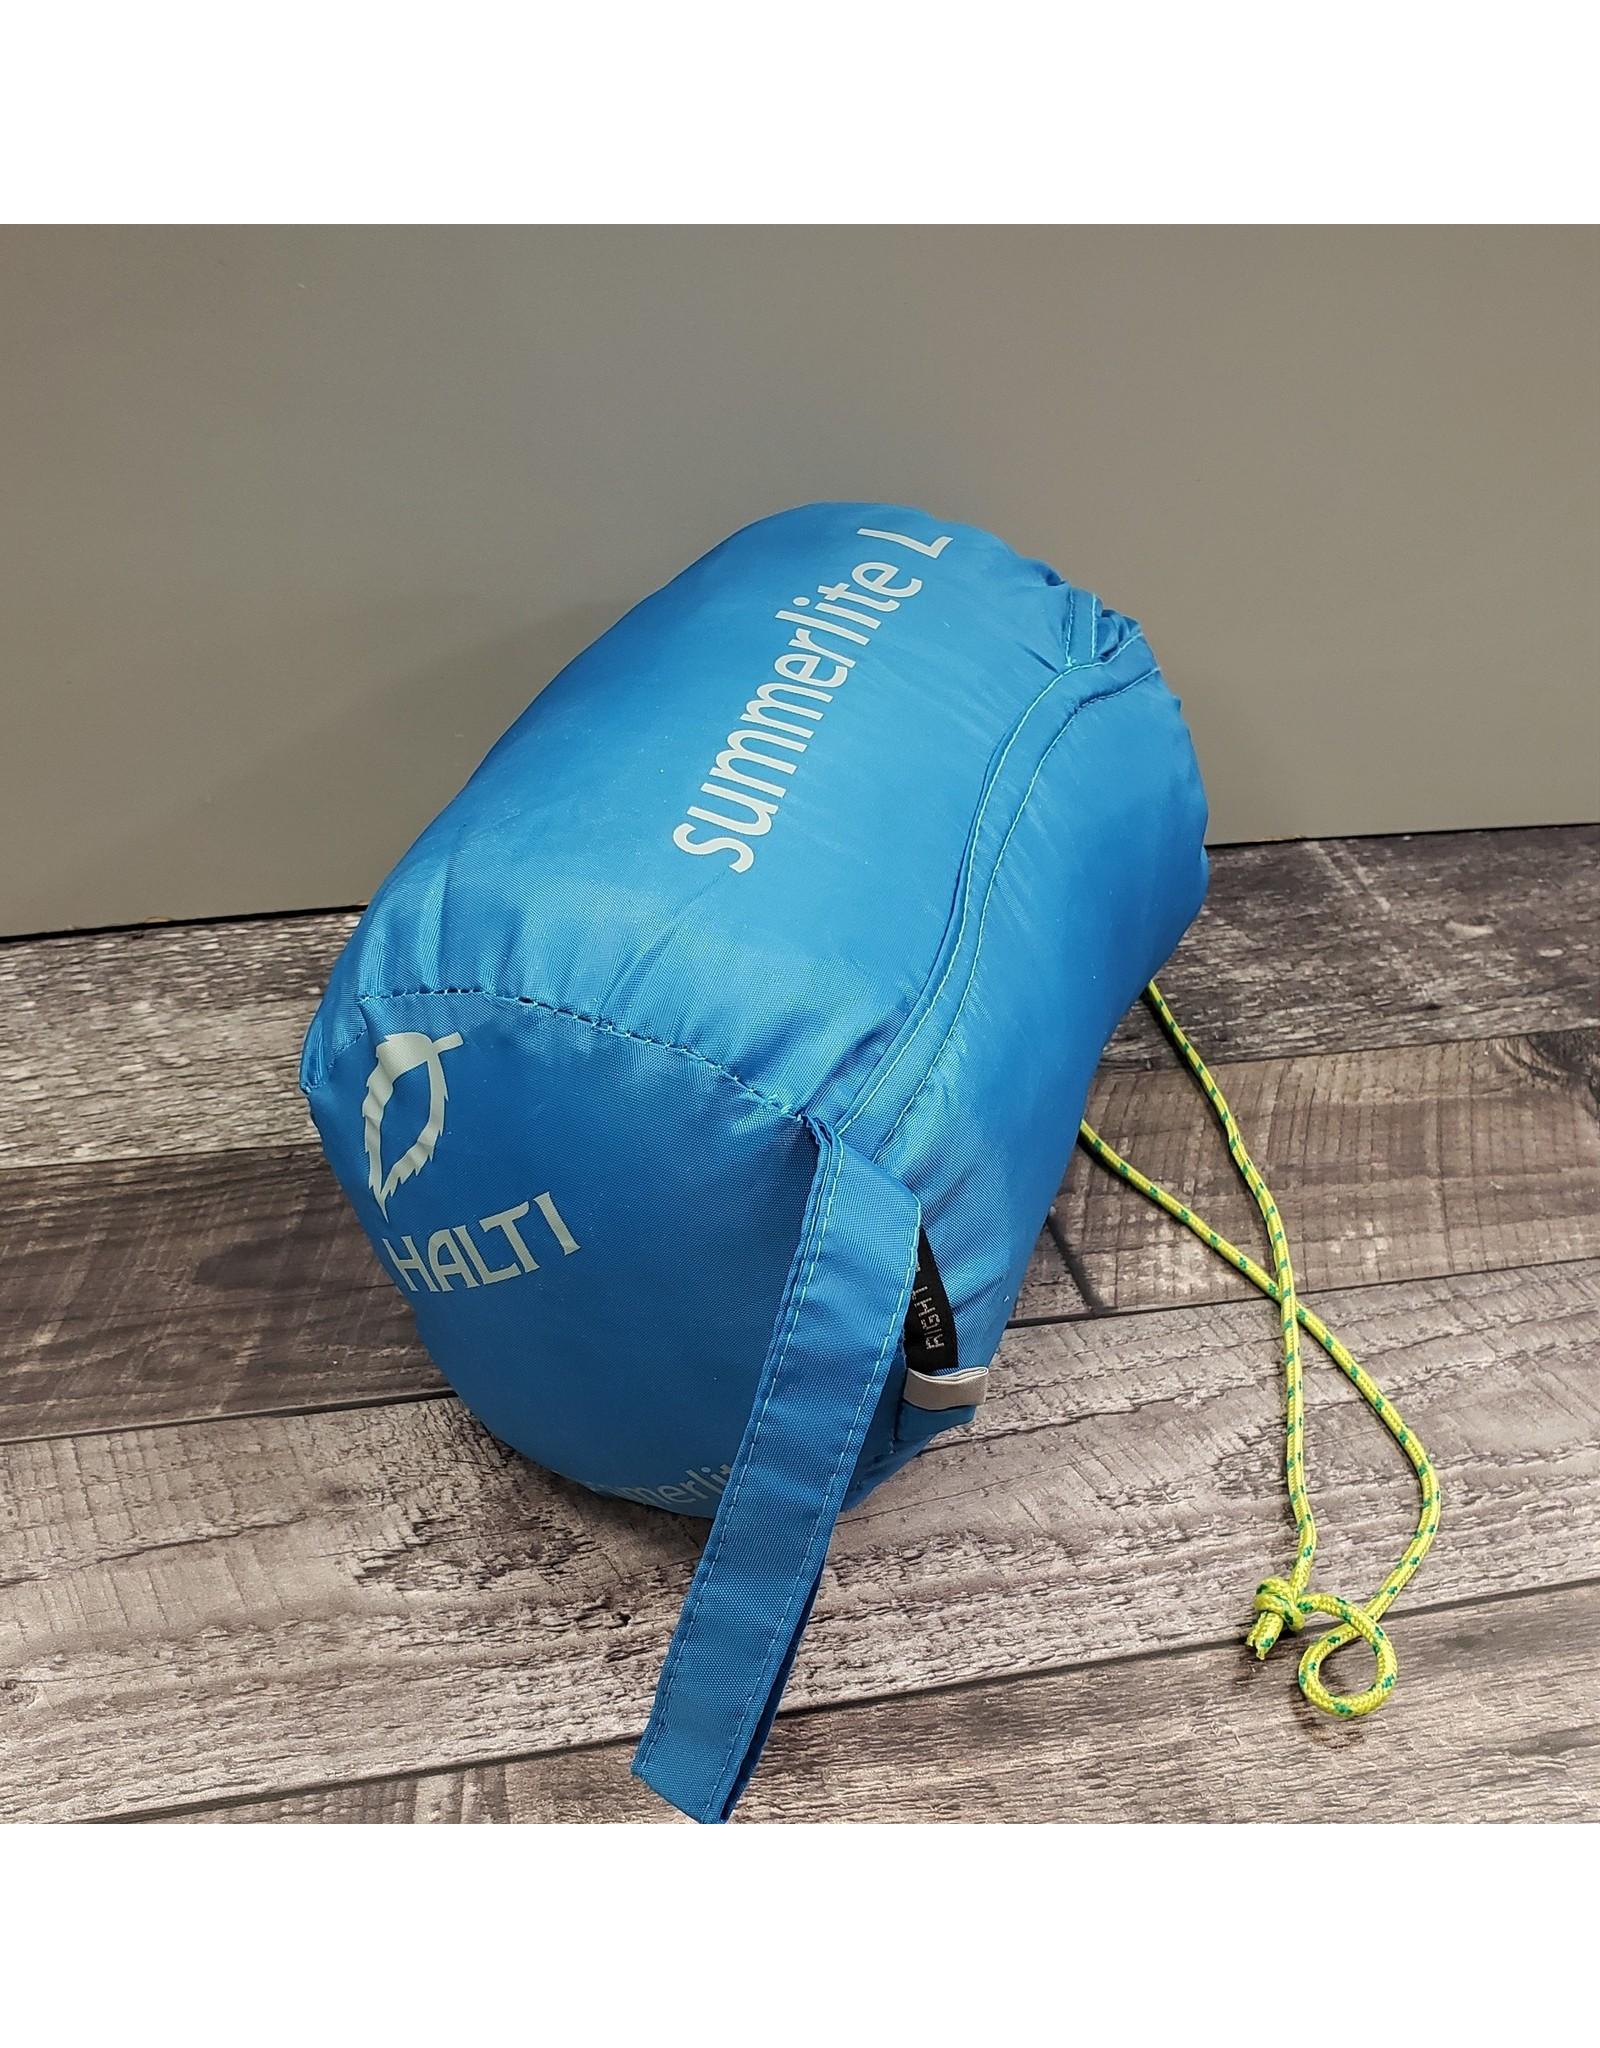 HALTI SUMMERWEIGHT SLEEPING BAG